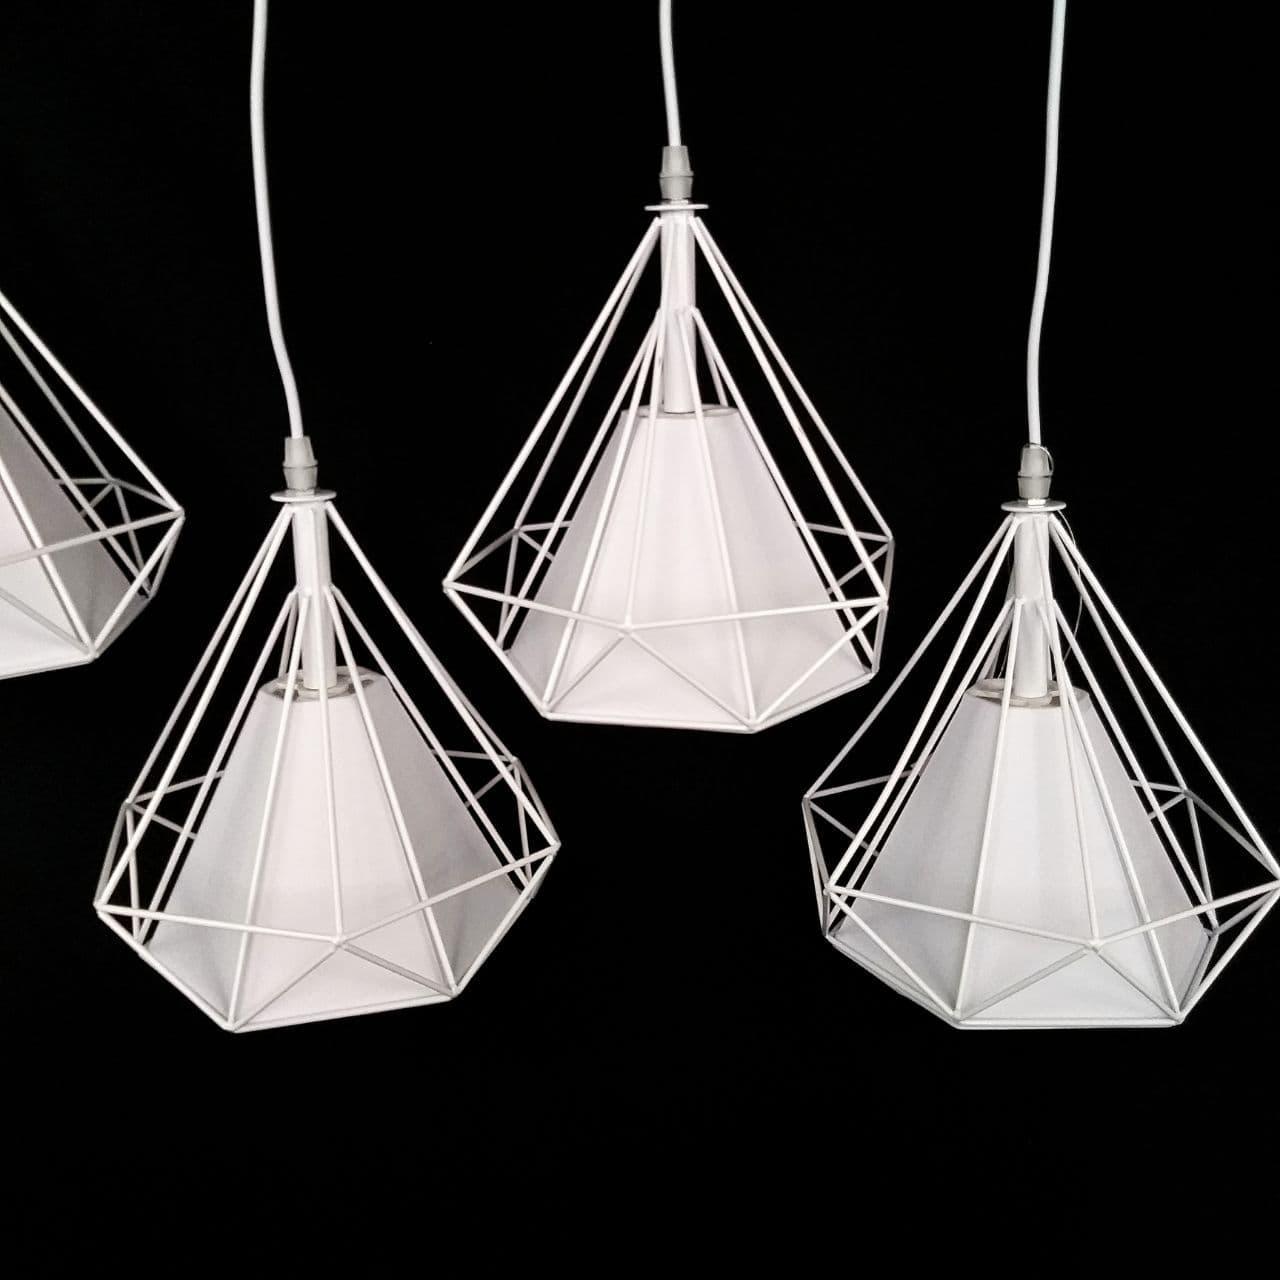 Люстра подвесная на 4 лампы лофт сетка белая с регулировкой высоты на планке YS-TY004/4  WH+WH